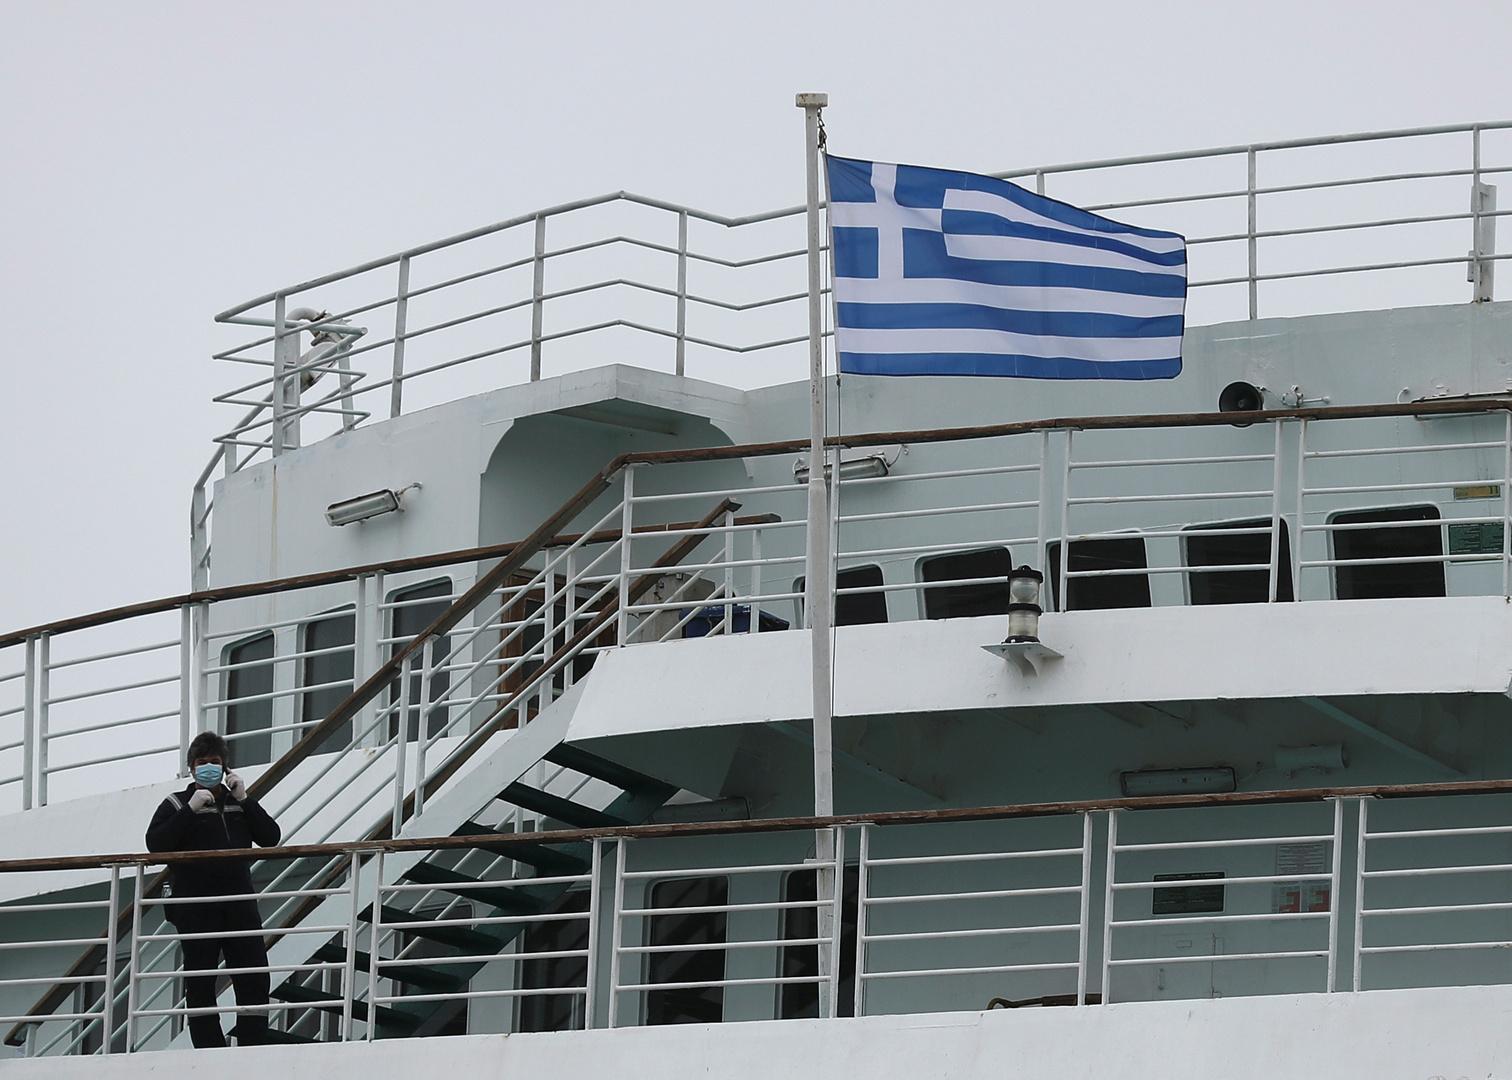 اليونان تتهم تركيا بإحداث الفوضى وتعريض الأرواح البشرية للخطر